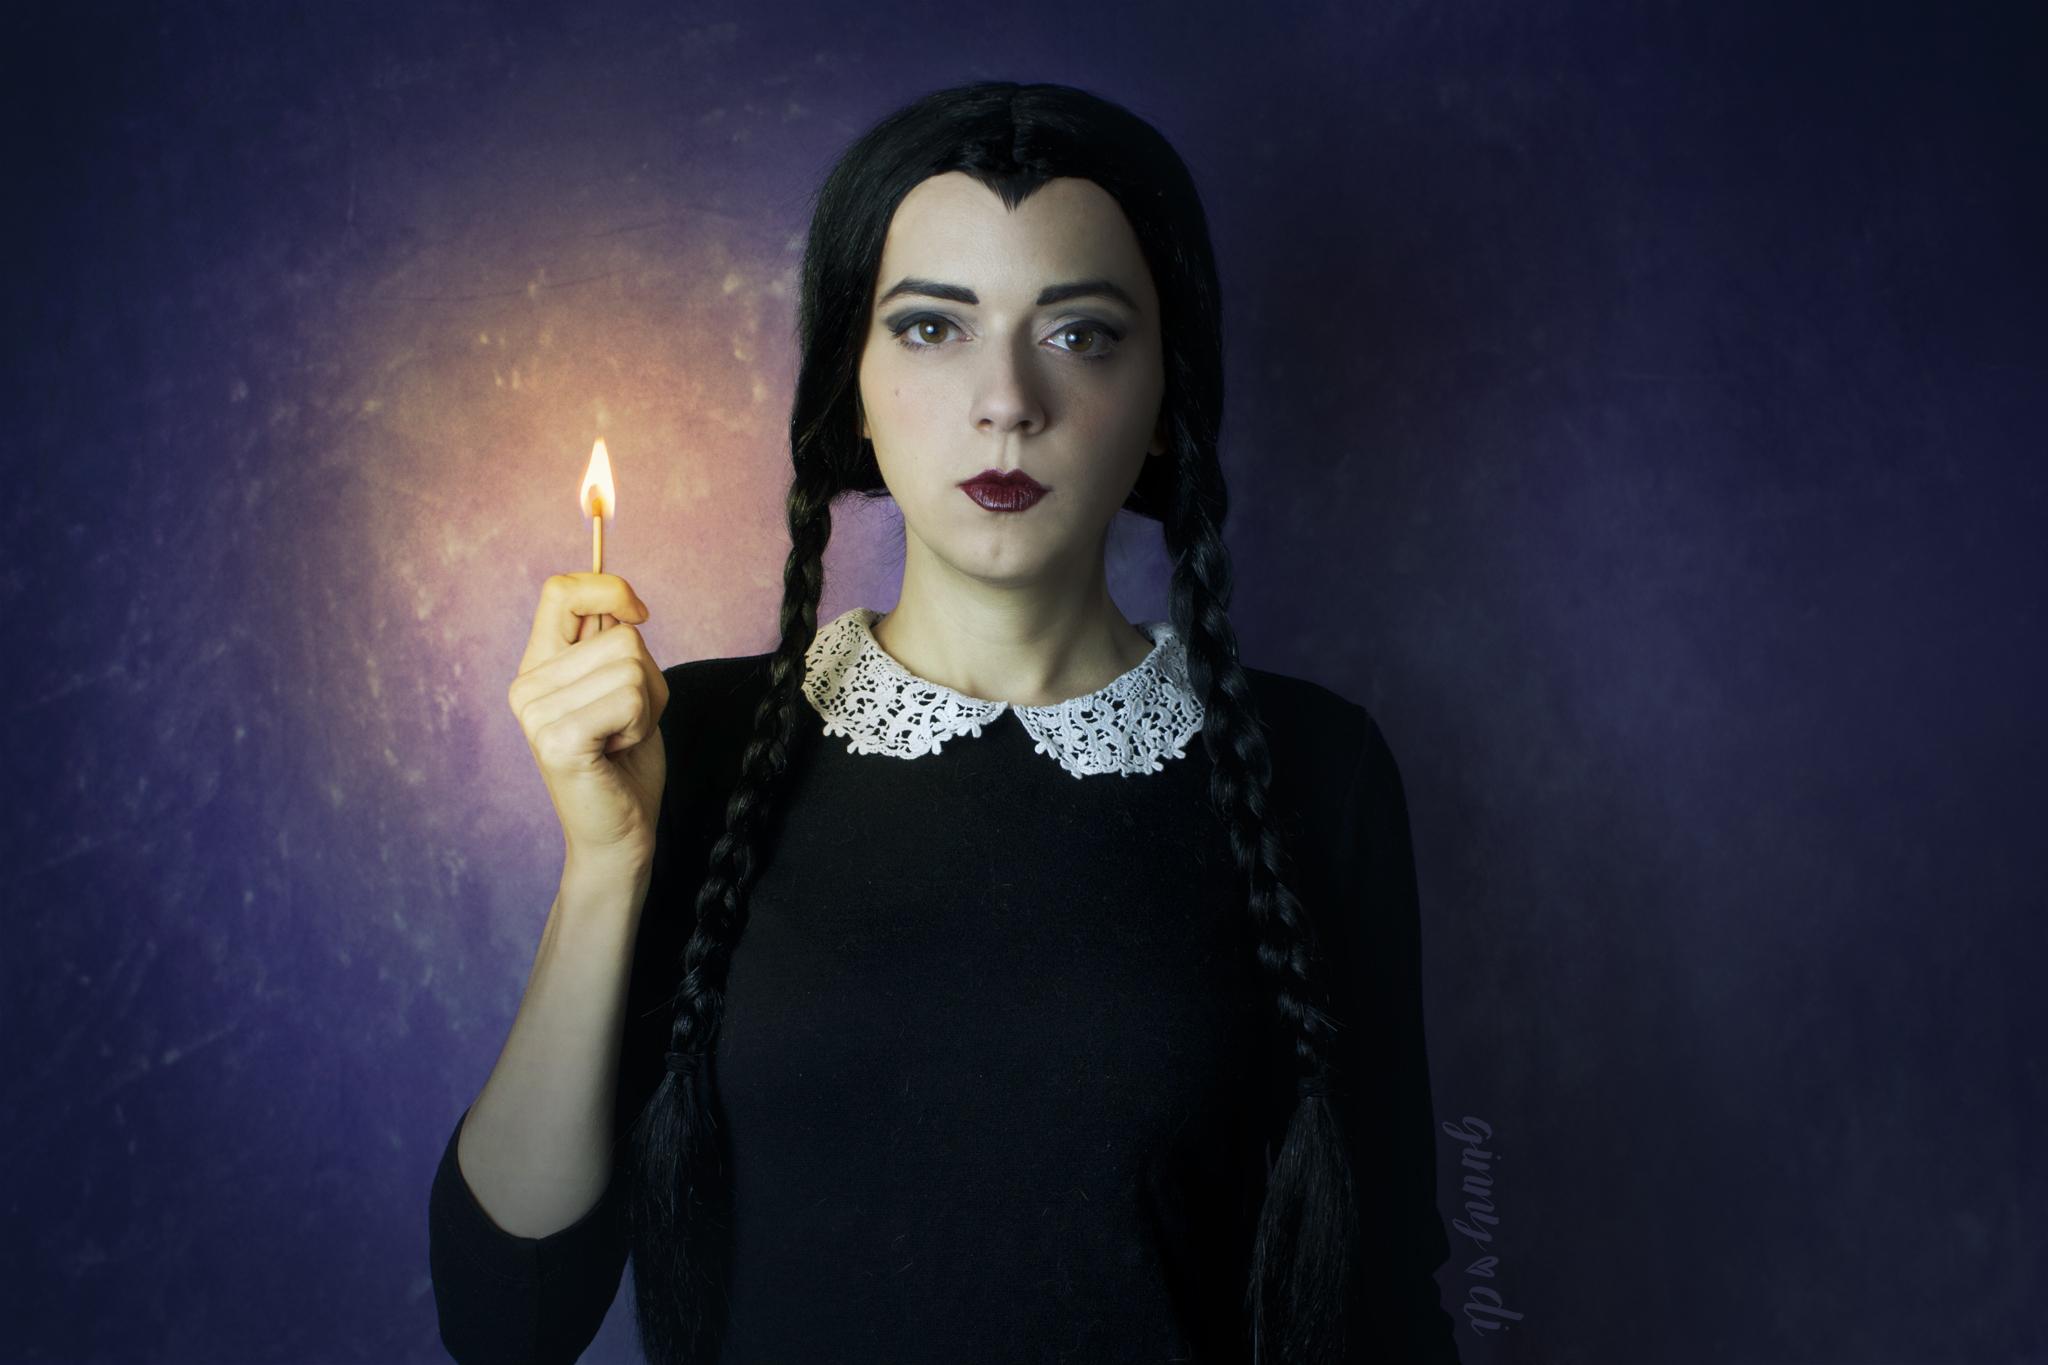 Wednesday Addams -